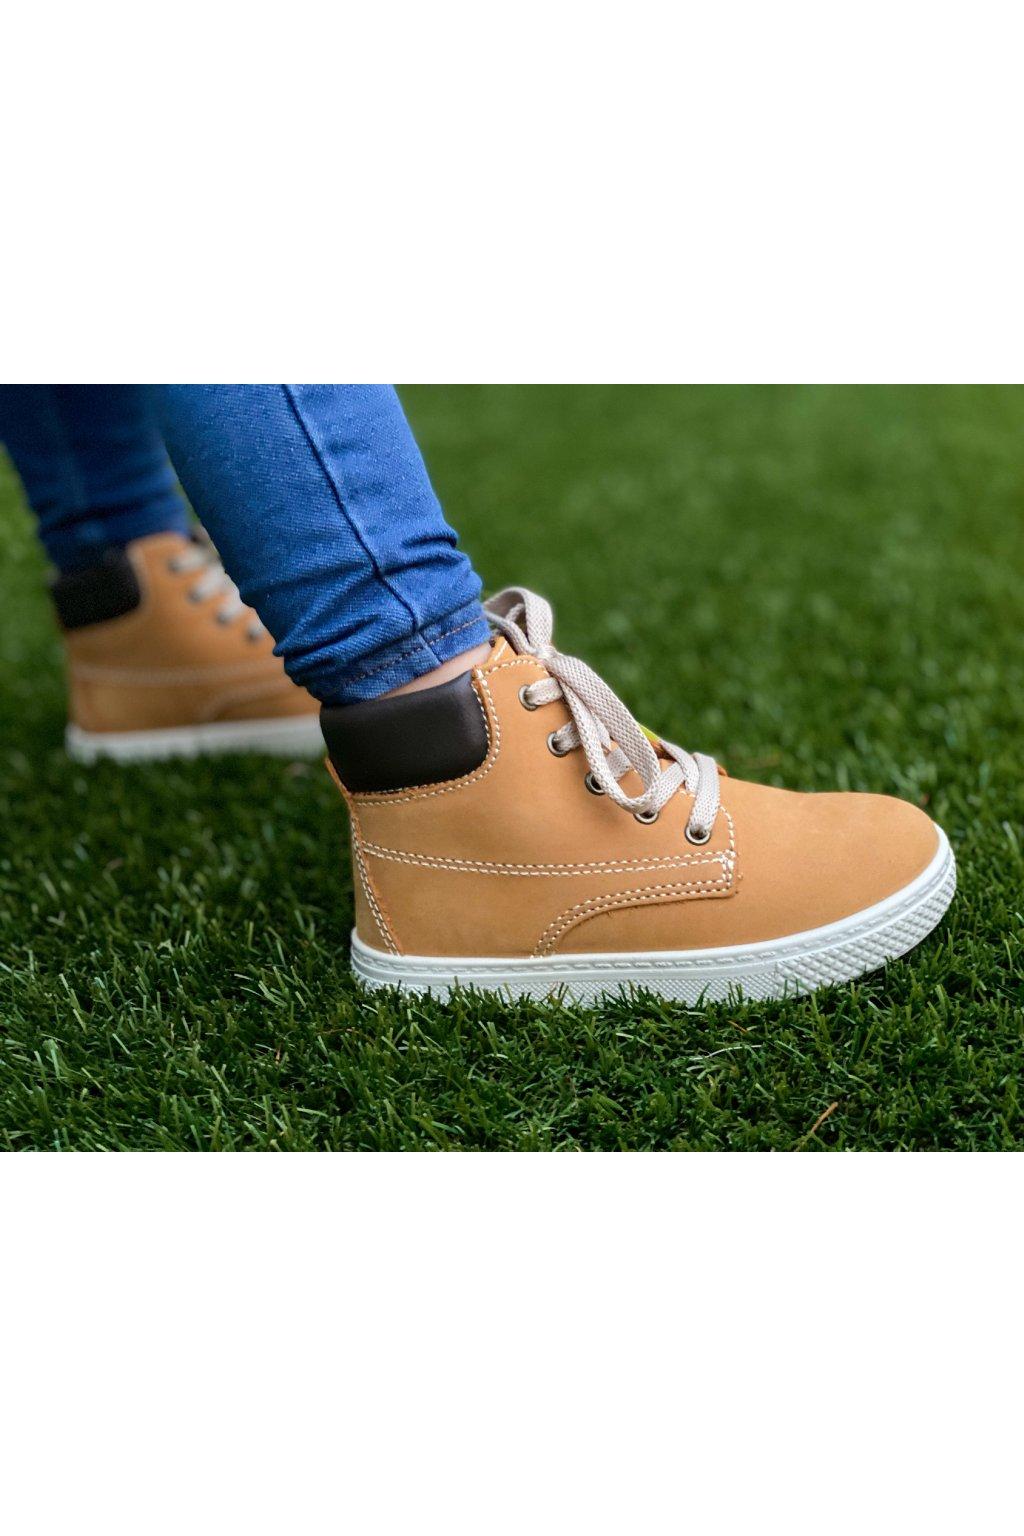 Primigi - Kožená chlapecká celoroční obuv